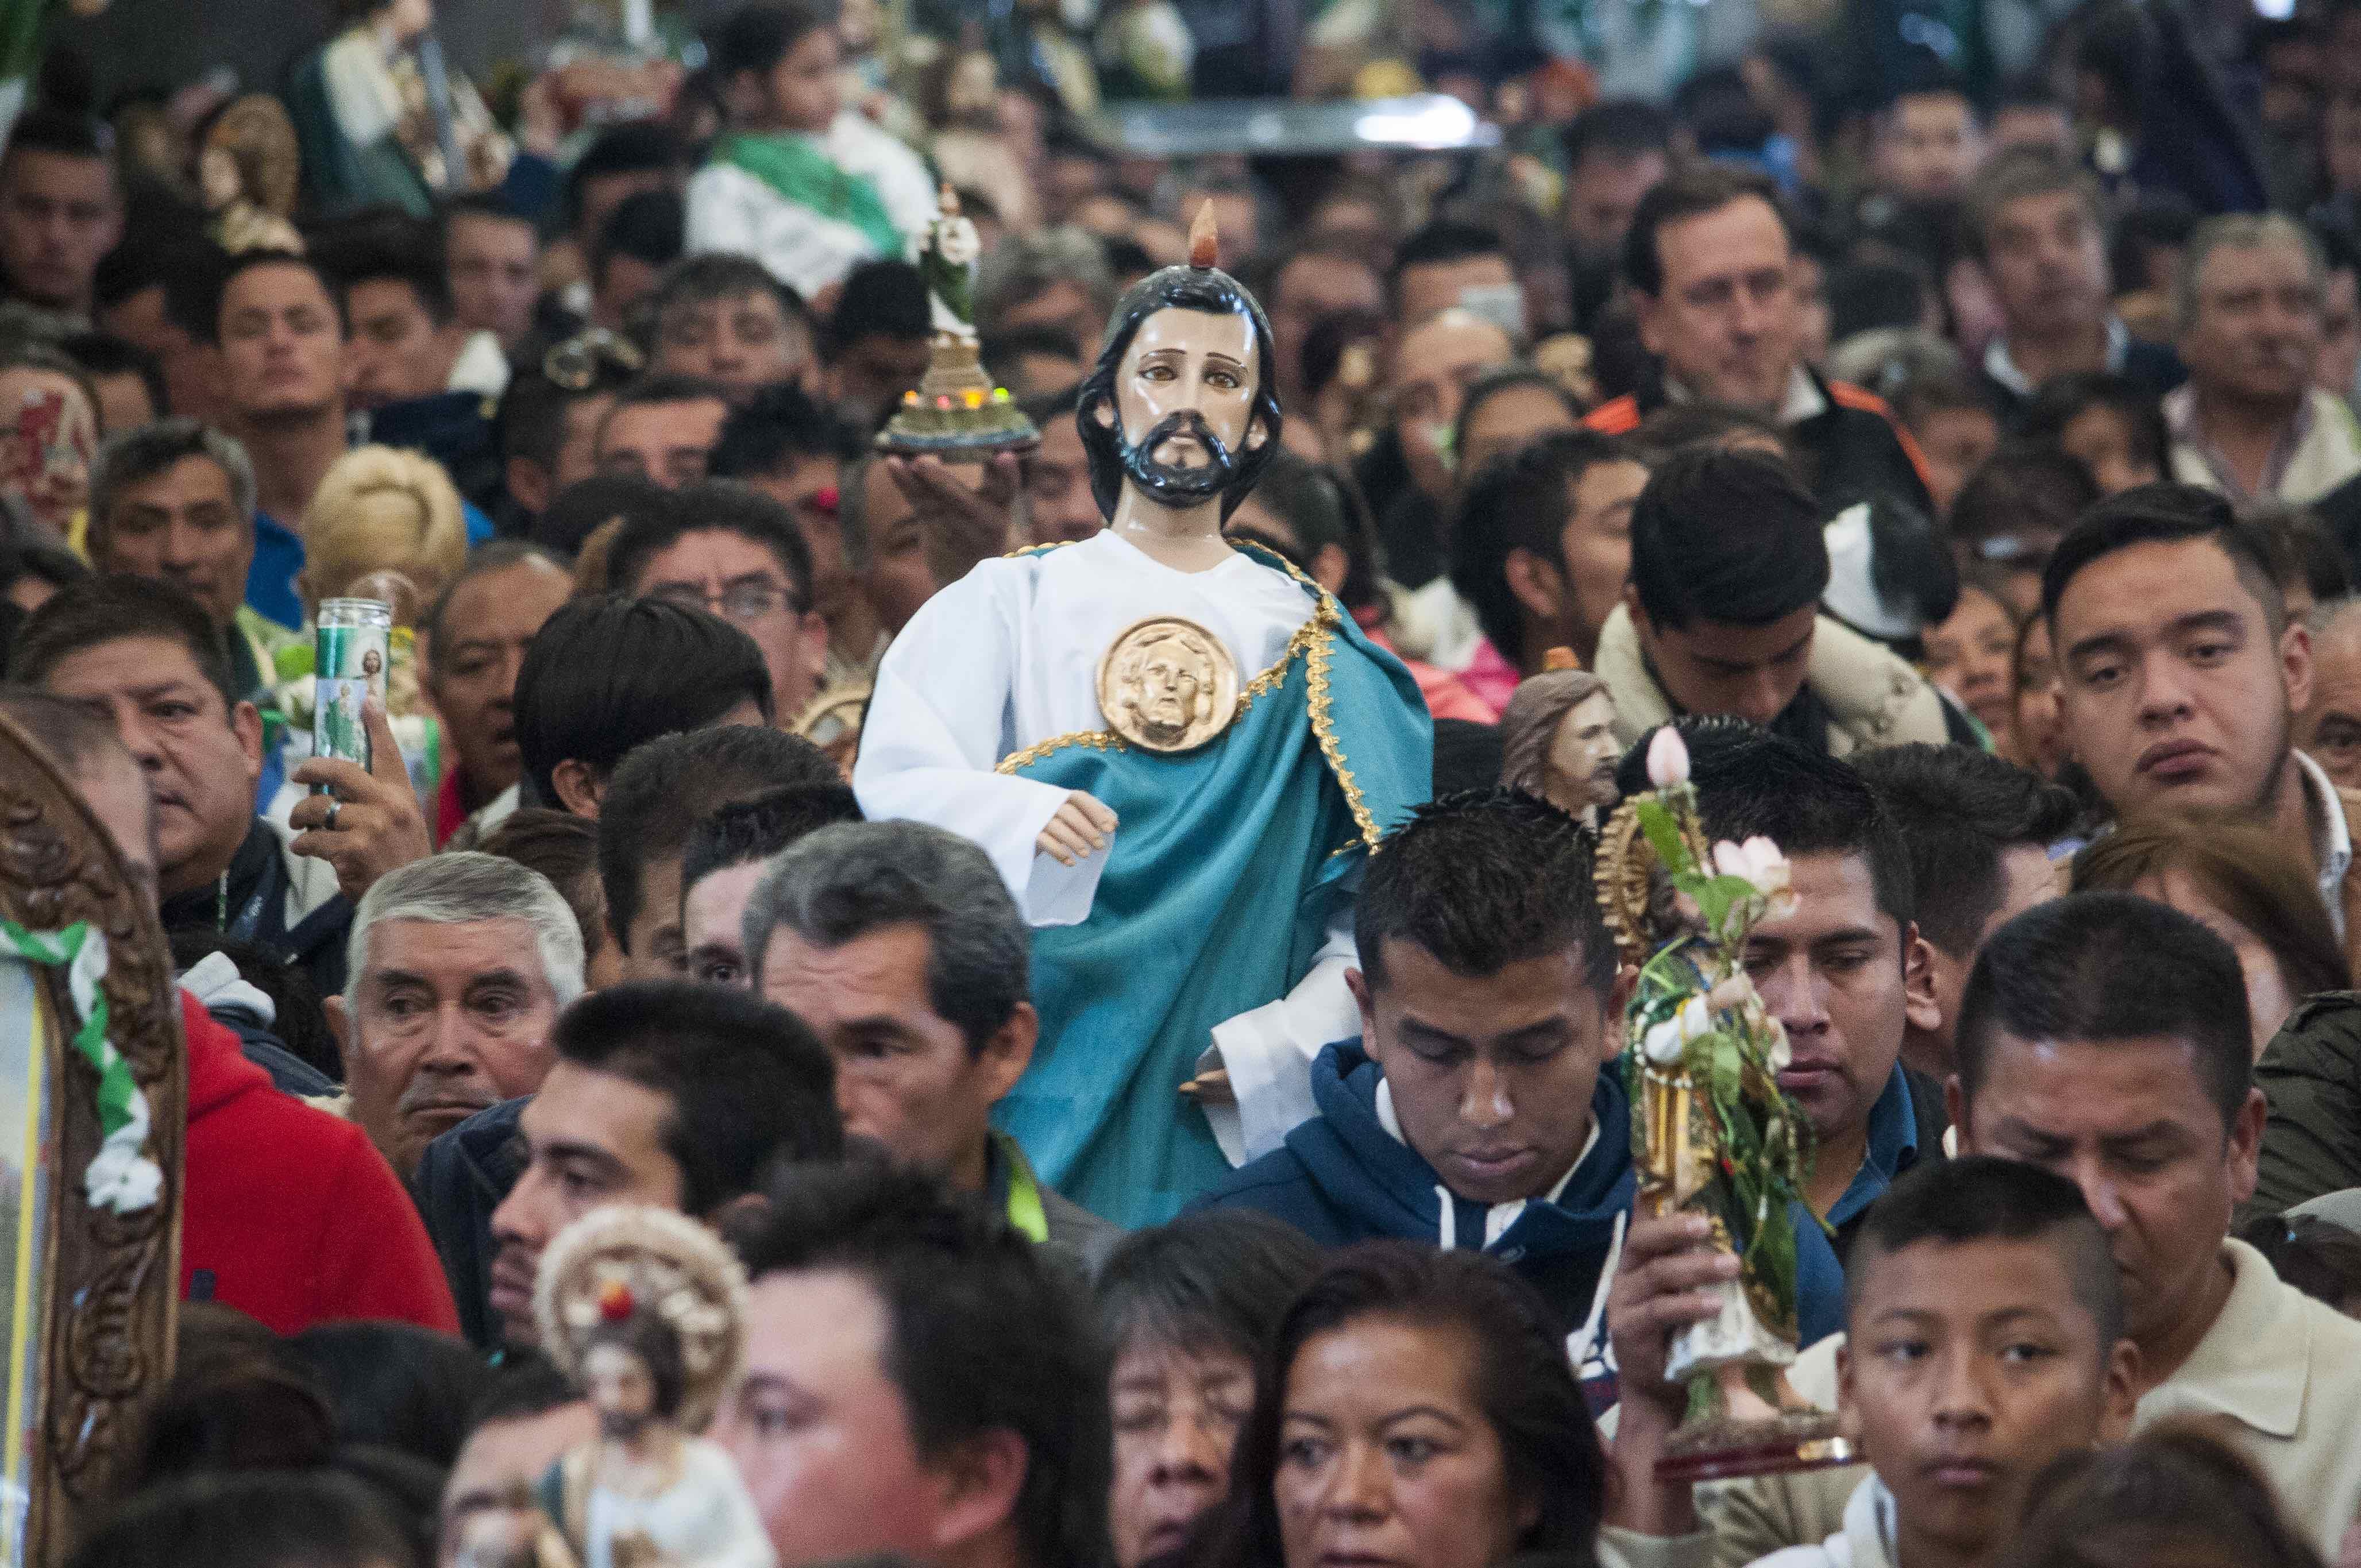 Día De San Judas Tadeo 2018 Todo Lo Que Necesitas Saber Sobre La